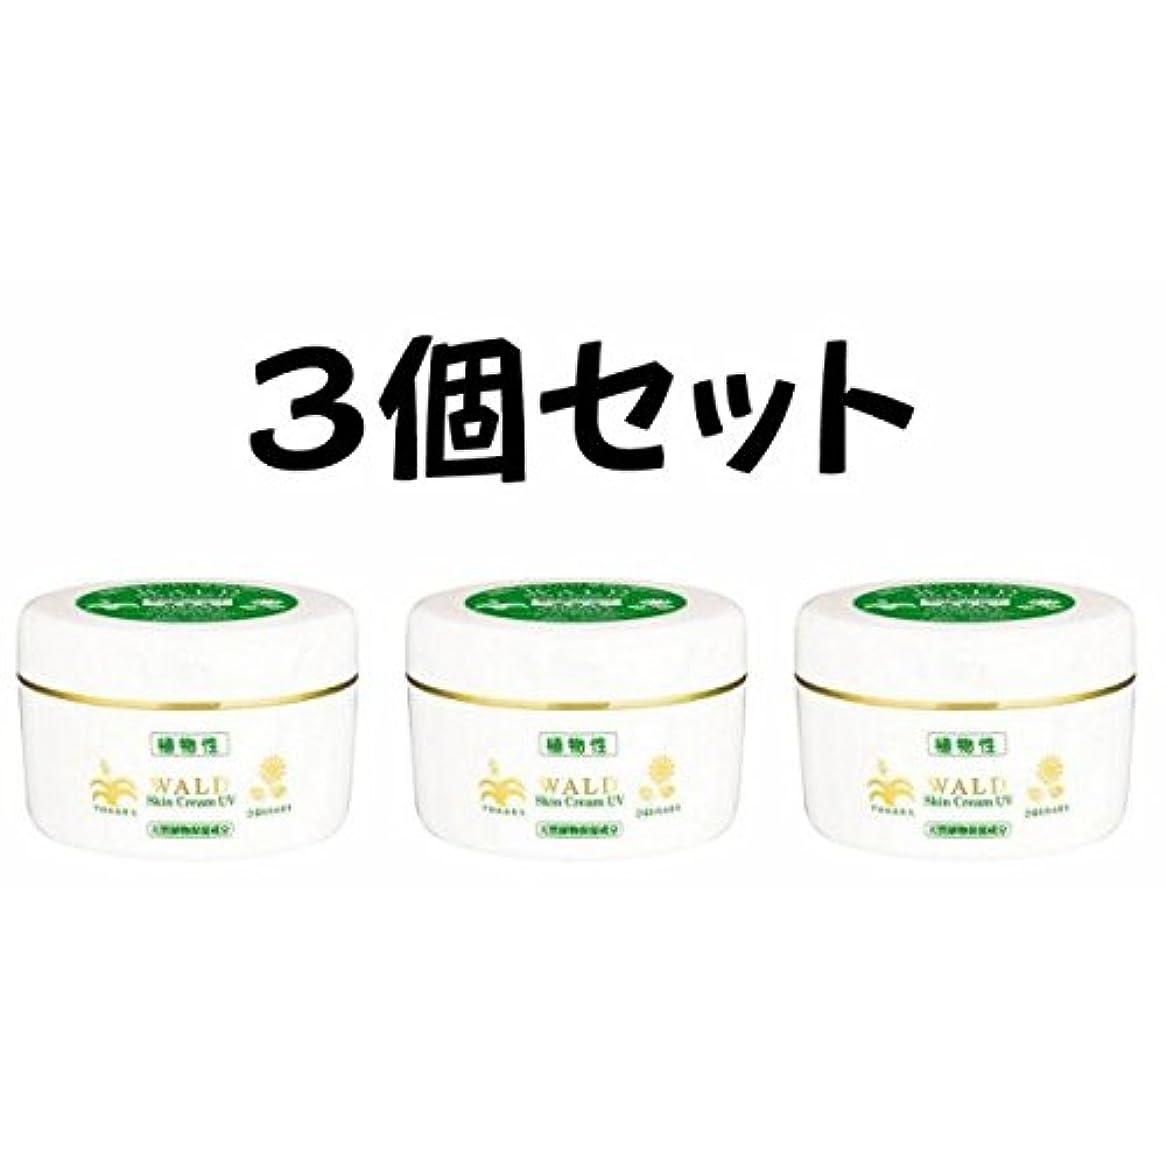 デクリメント似ているなかなか新 ヴァルトスキンクリーム UV (WALD Skin Cream UV) 220g (3)